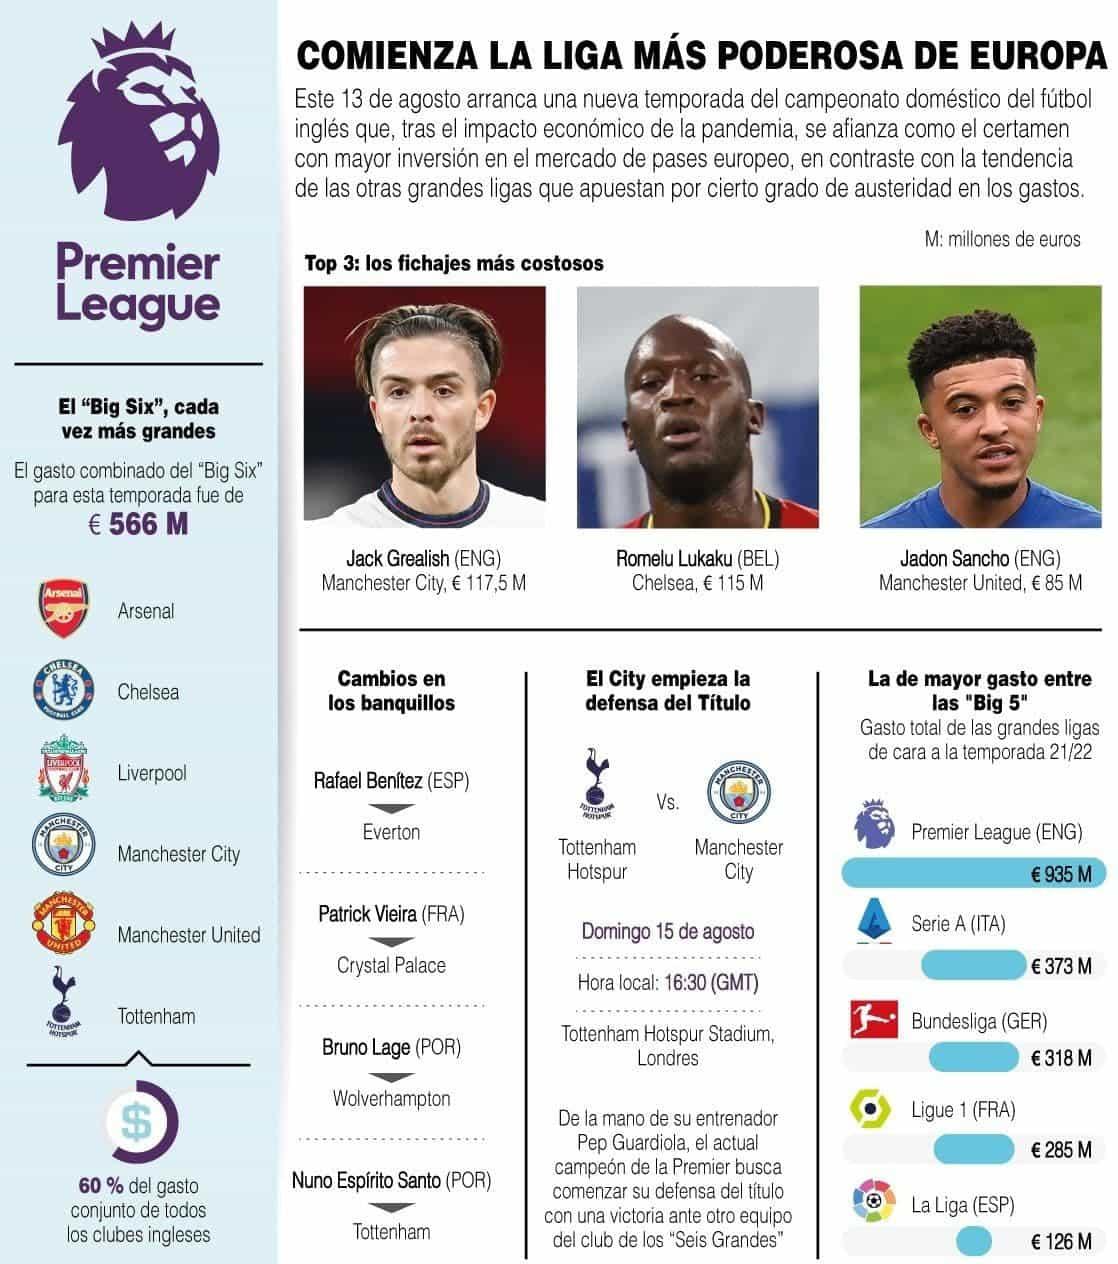 [Infografía] Comenzó la liga más poderosa de Europa 1